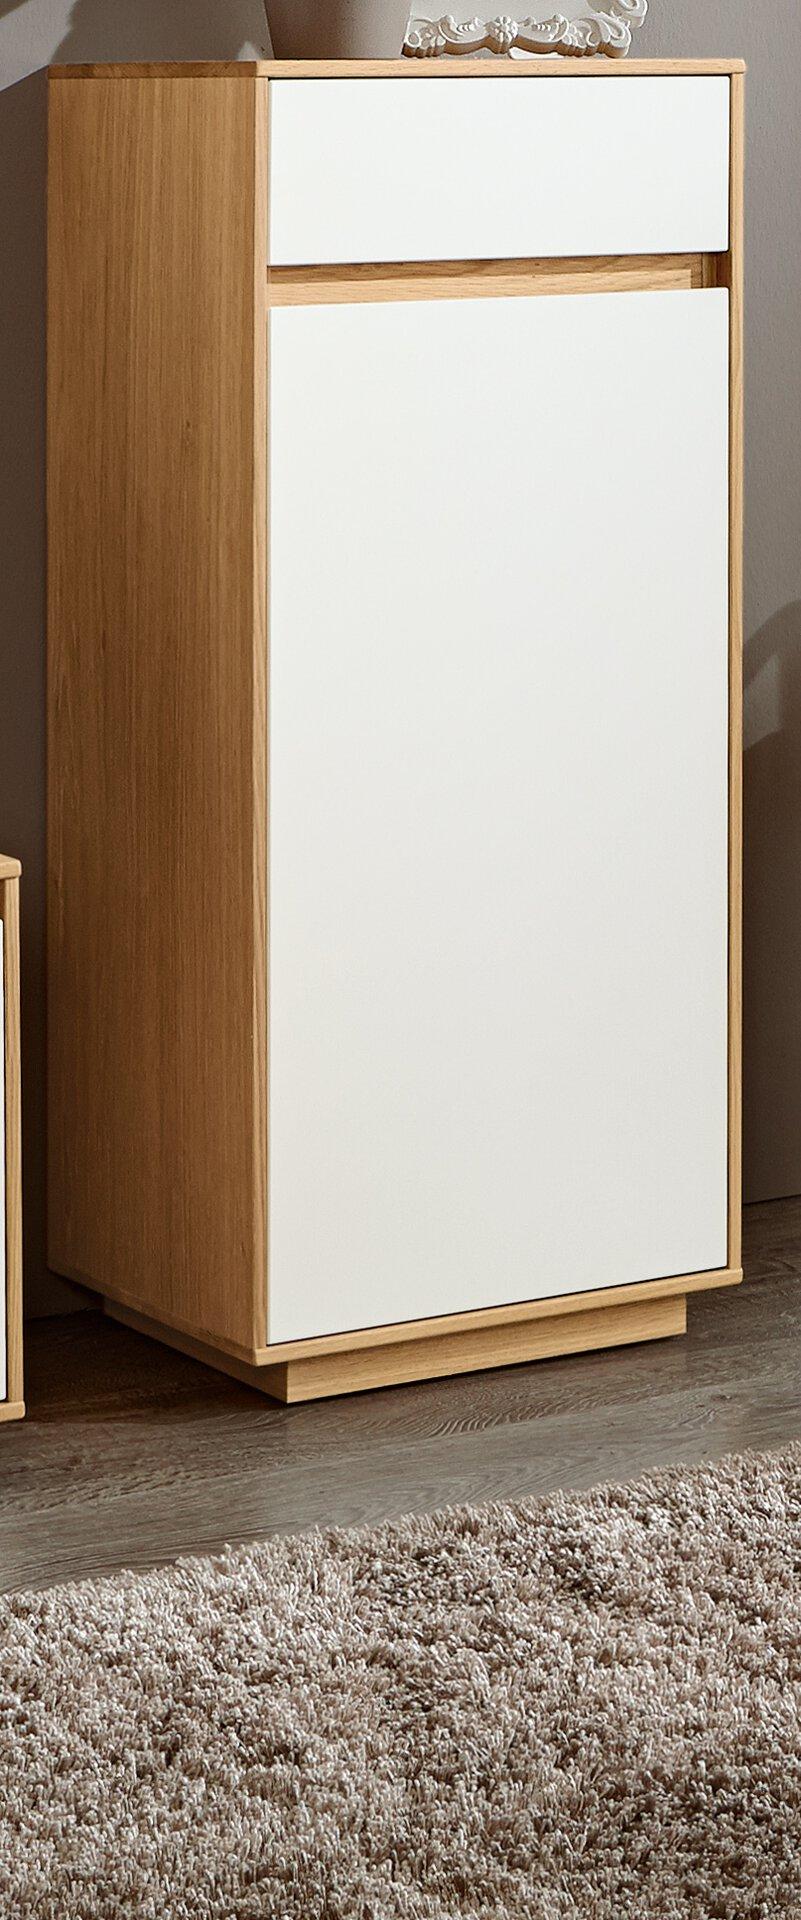 Garderobenschrank V100 Voss Möbel Holzwerkstoff mehrfarbig 37 x 103 x 44 cm